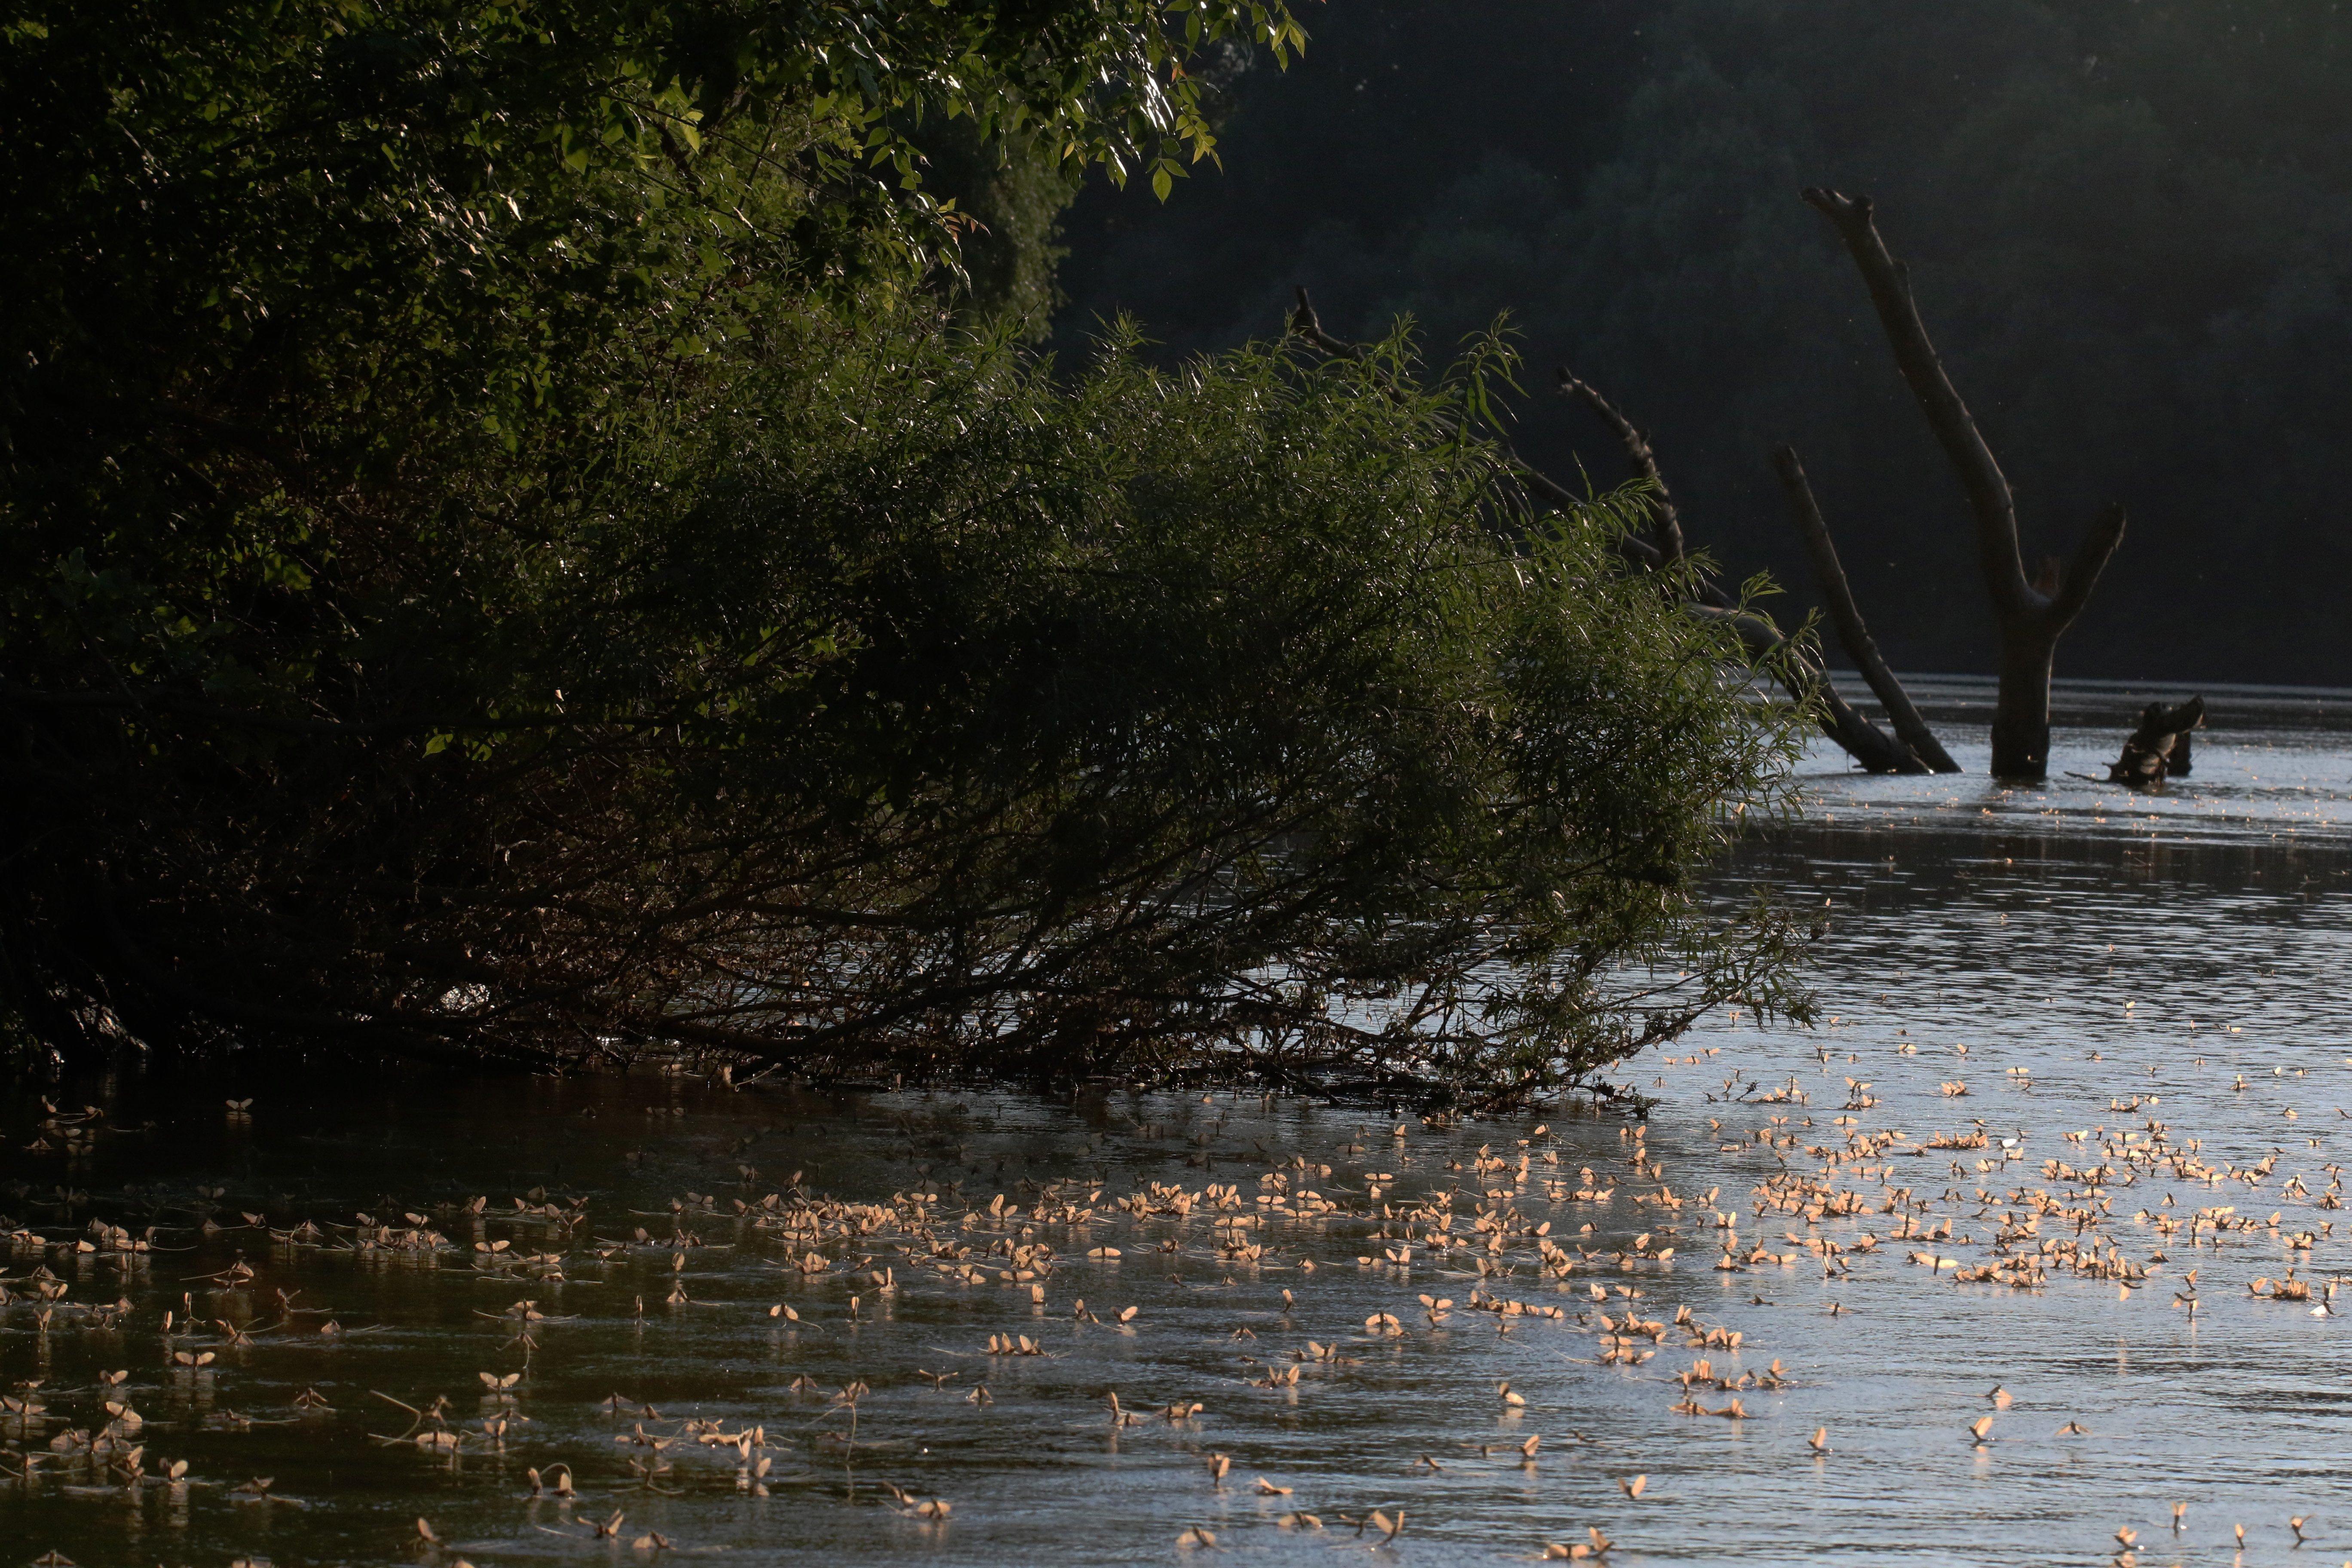 Nagykörû, 2017. június 19. Tiszavirágok (Palingenia longicauda) násztánca a Tiszán, Nagykörû közelében 2017. június 18-án. A legnagyobb termetû kérészfajunk a tiszavirág, természetvédelmi értéke egyedenként tízezer forint. A kérész napjainkra csak a Tiszán, illetve egy-két mellékfolyóján - fõként a Kõrösön - lelhetõ fel. MTI Fotó: Bugány János